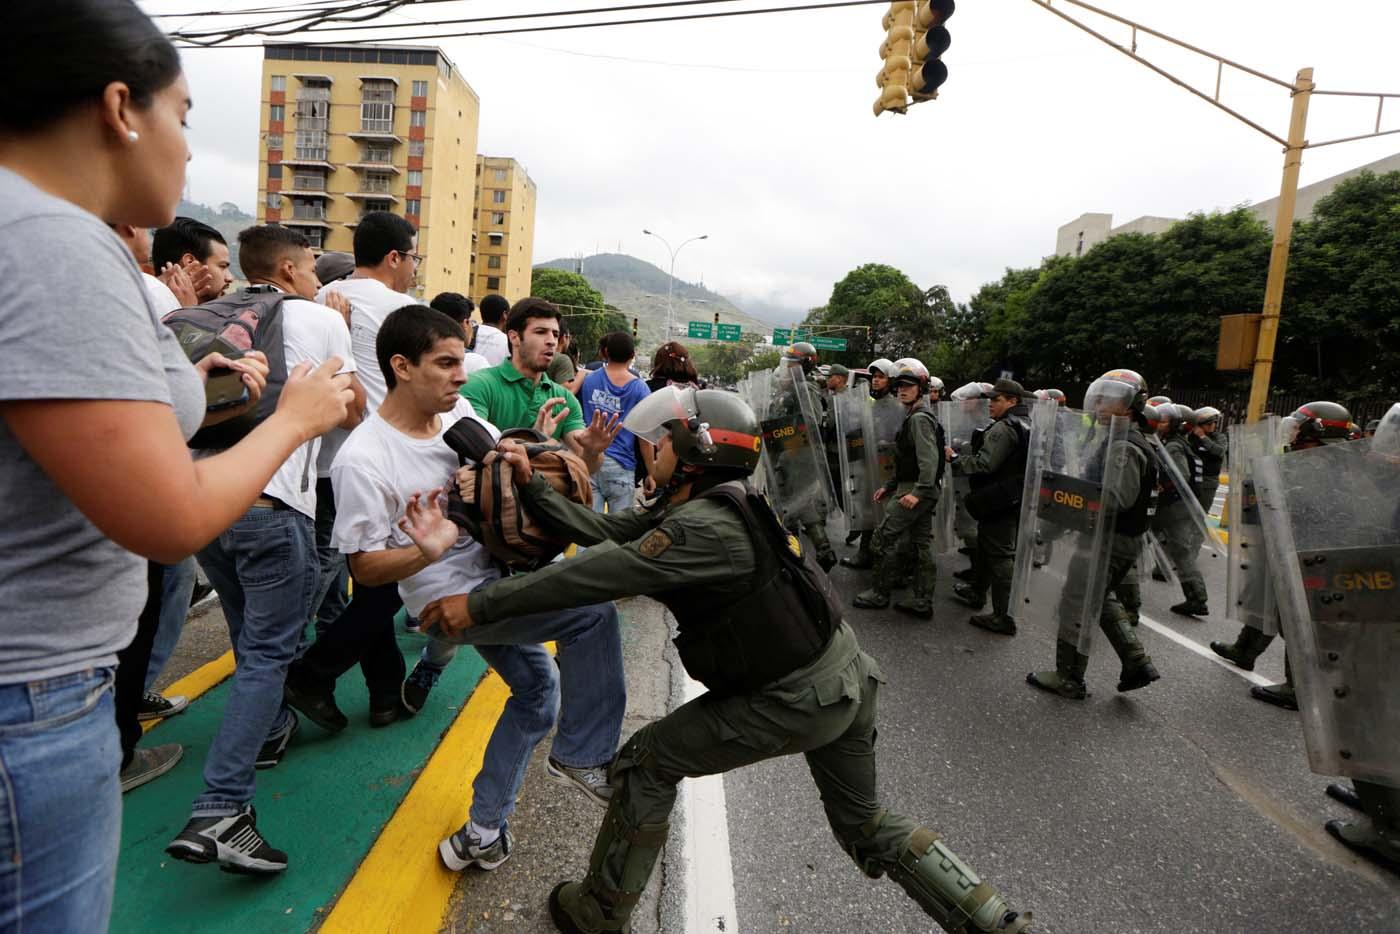 Varios cineastas venezolanos documentan las protestas antigubernamentales